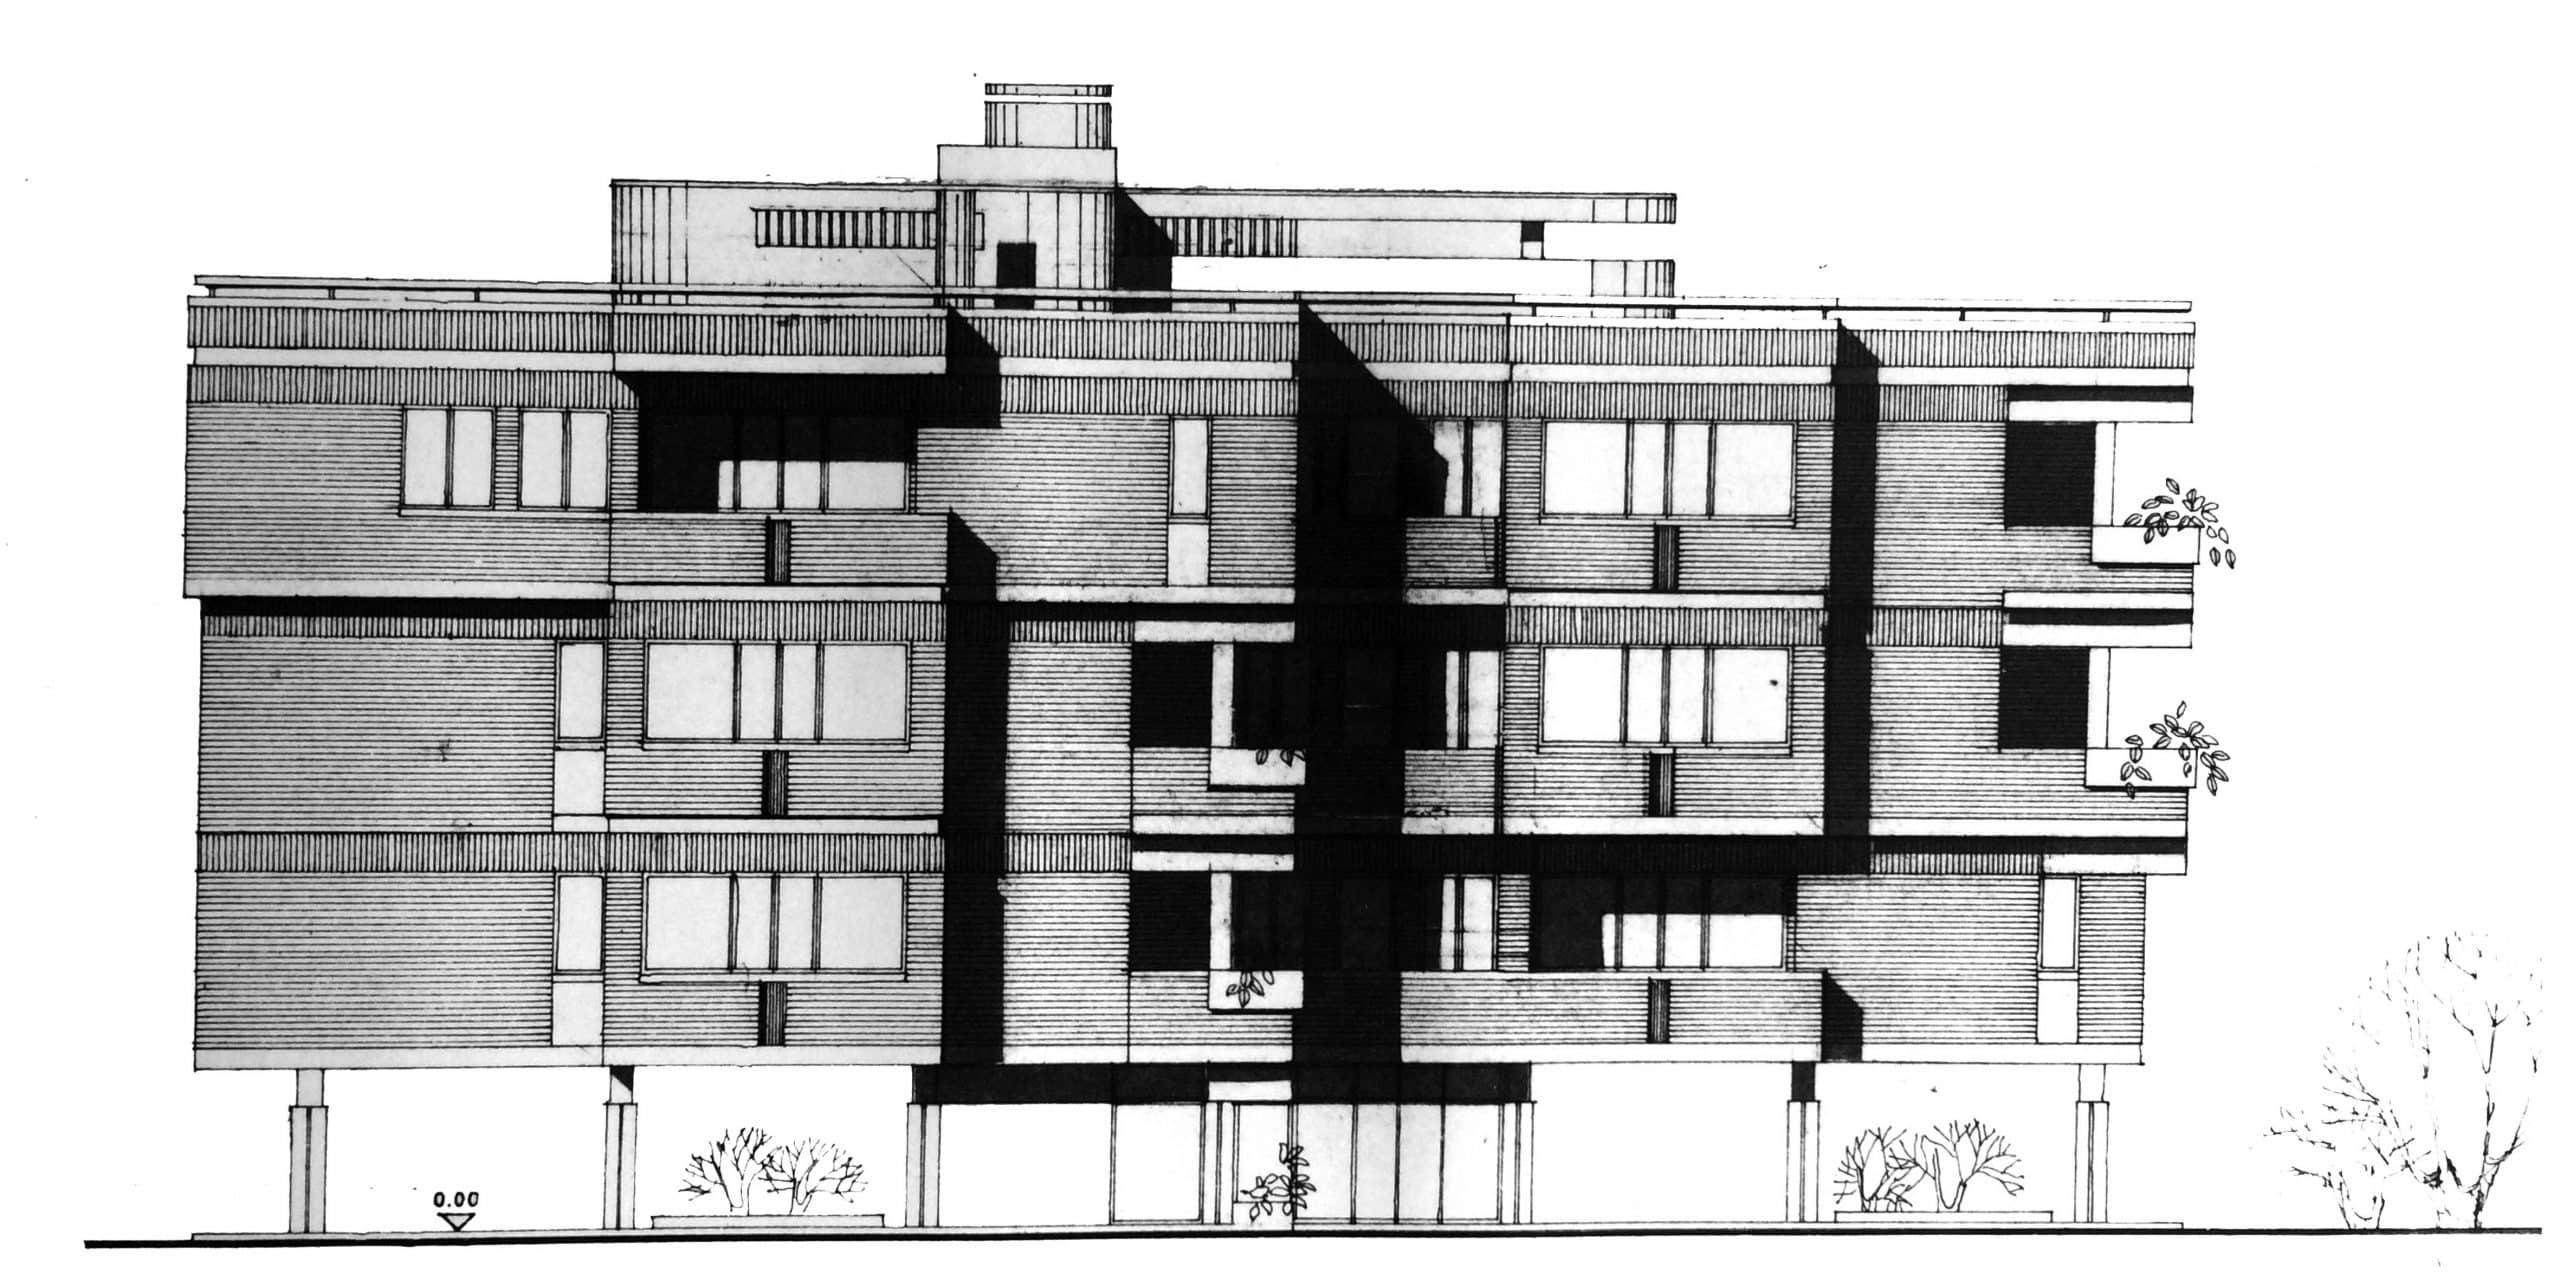 4 - Edificio residenziale per 9 alloggi nel PdZ Roma - Casal dei Pazzi; con R. De Vito - Prospetto nord-est